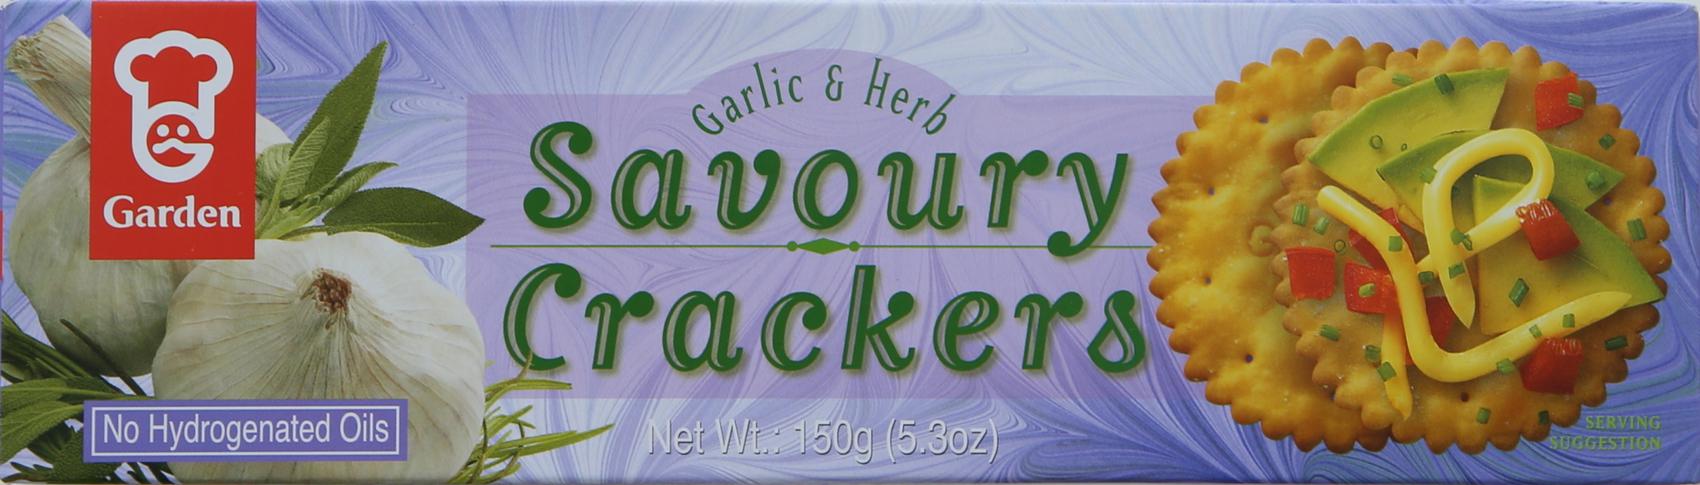 GARDEN SAVOURY CRACKER-GRL/HERB150G